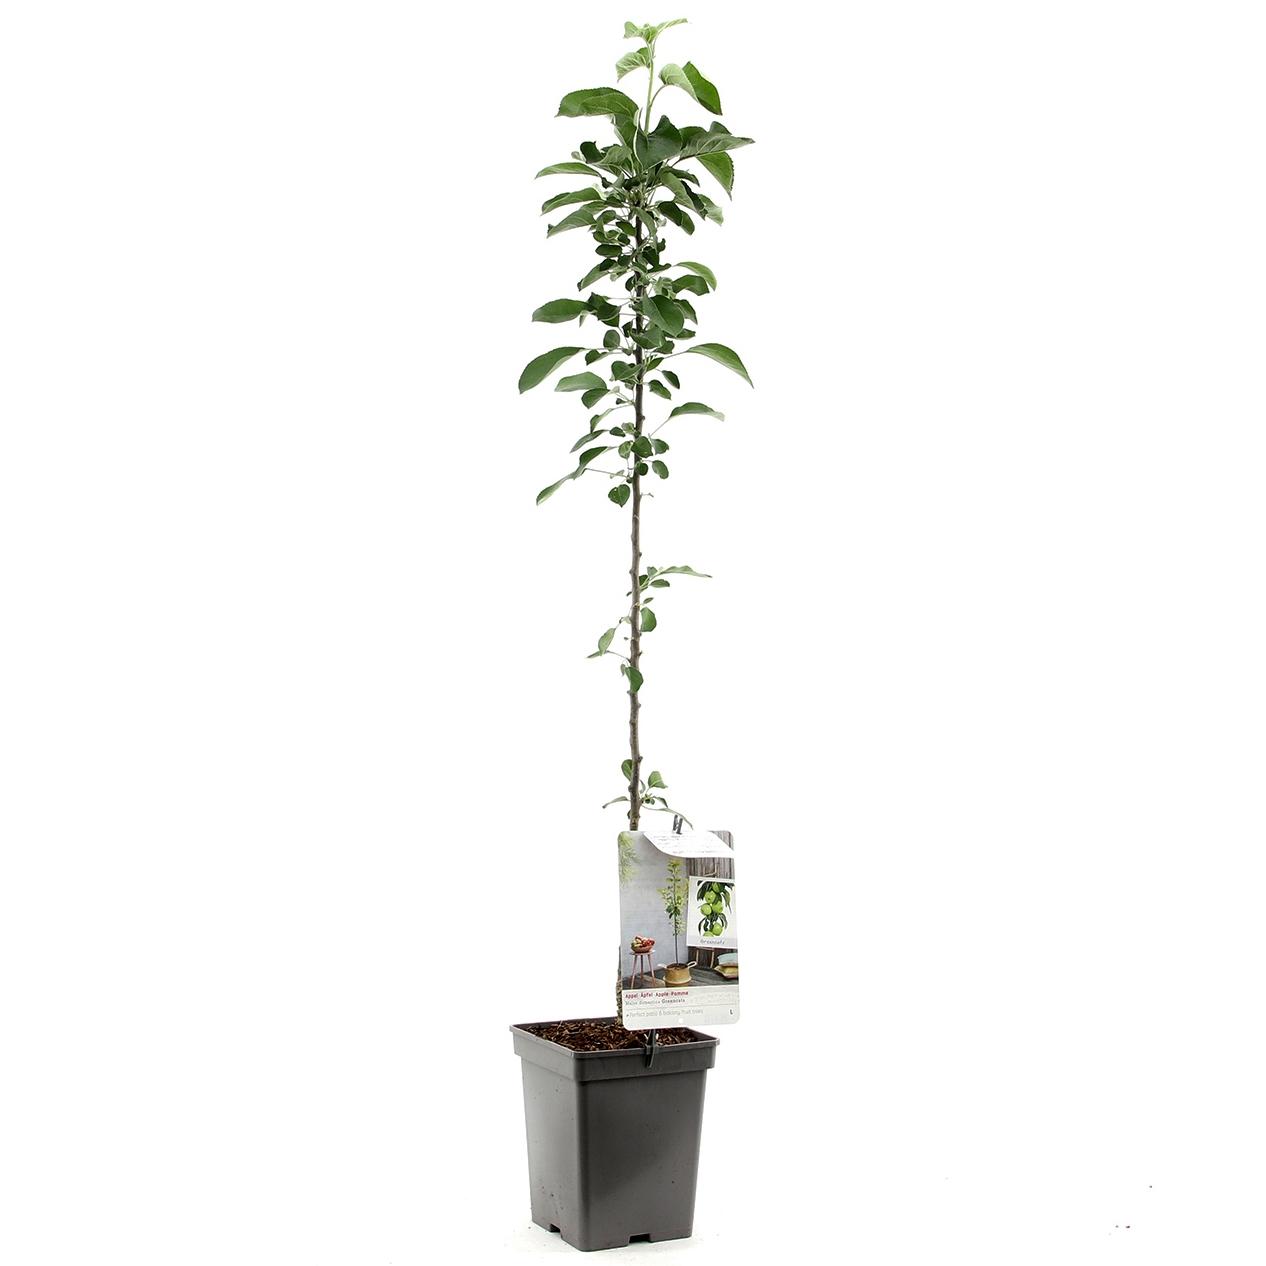 Zuil-appelboom Malus domestica 'Greencats'